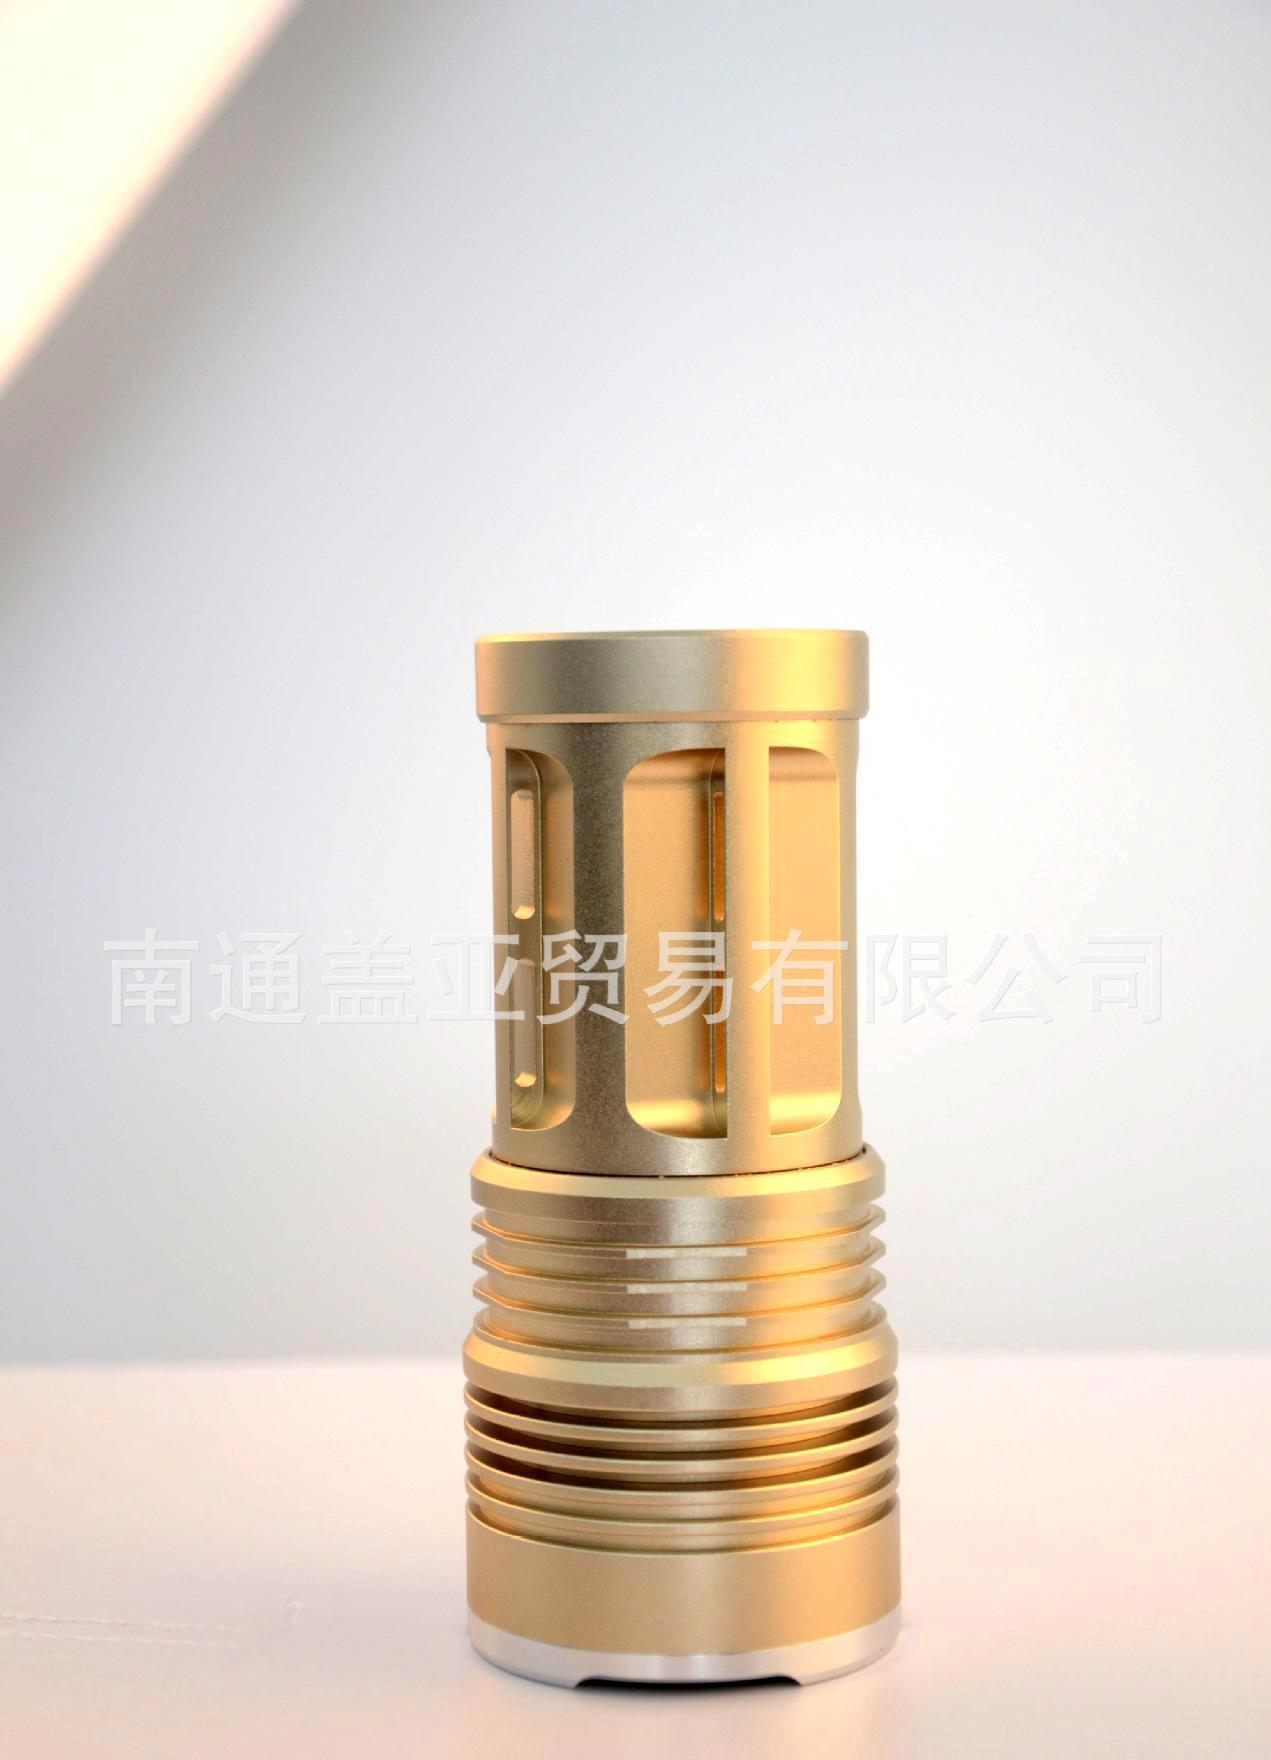 V10 远射王迷你变焦 调焦户外装备正品 厂家直销 批发供应